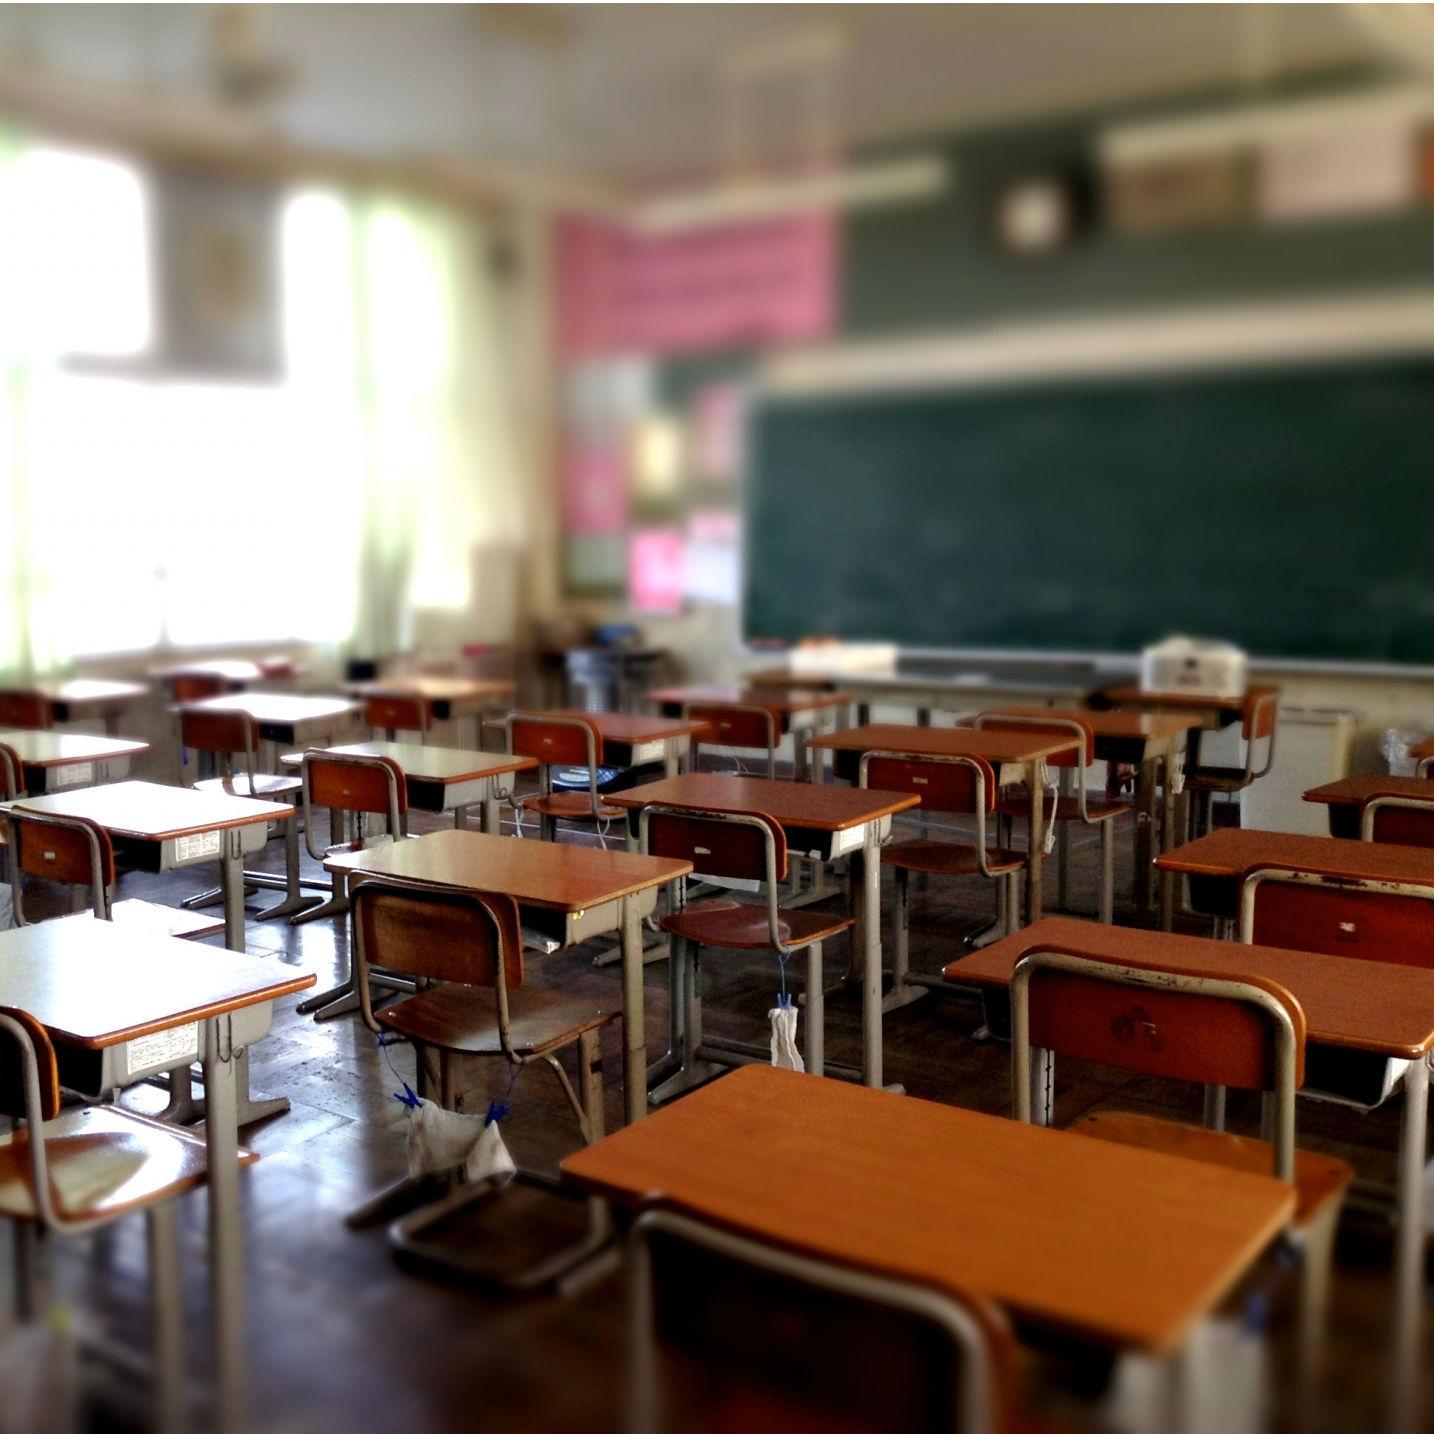 教師を疲弊させる社会に未来はあるか